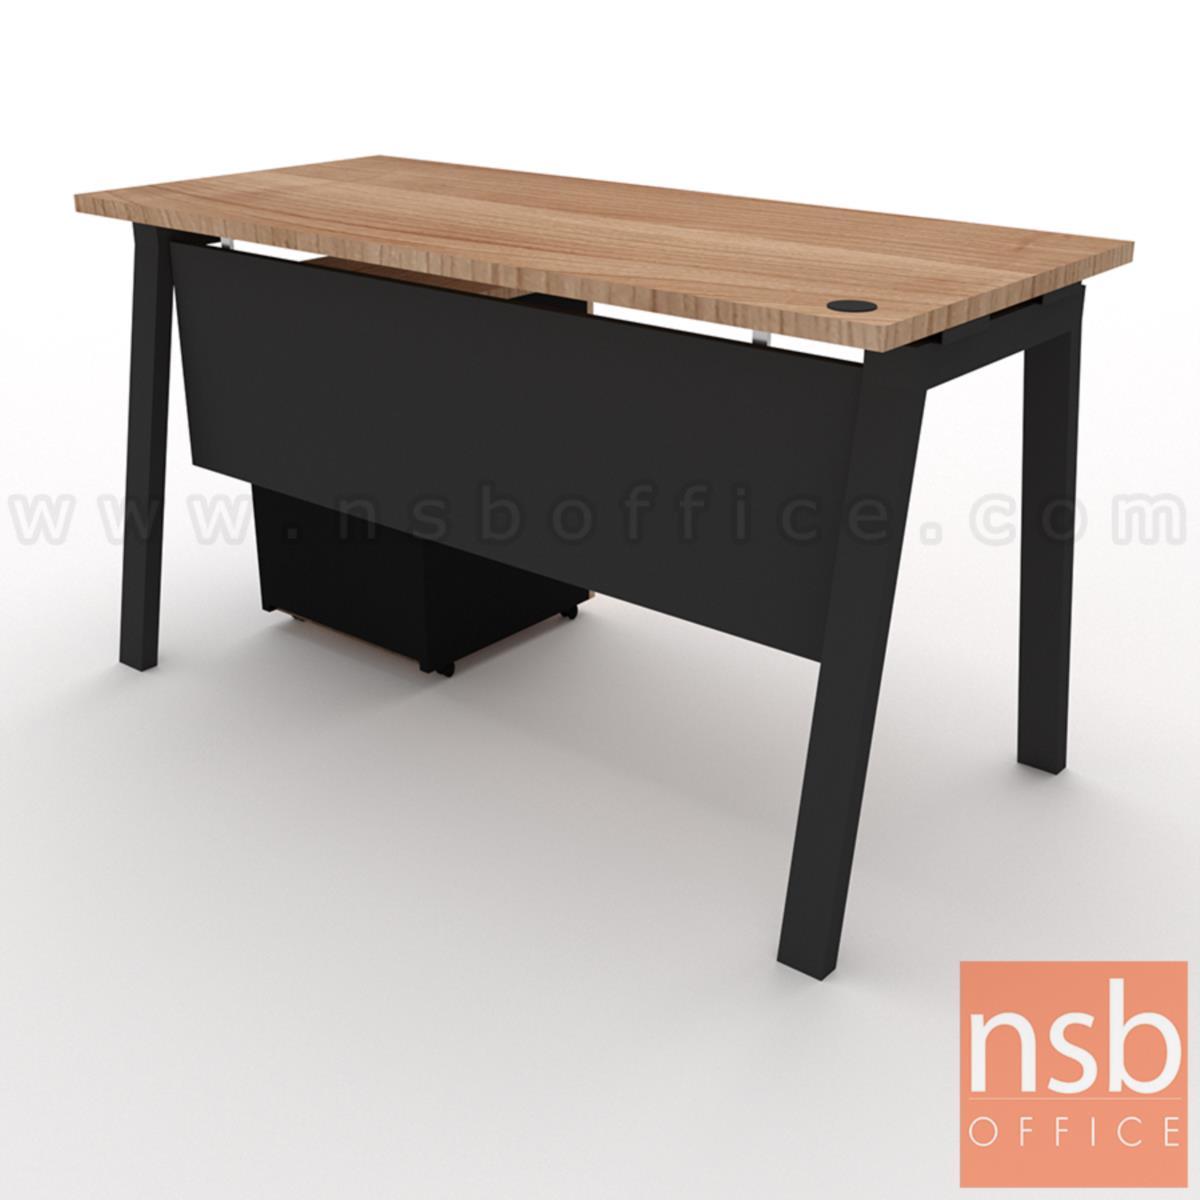 โต๊ะทำงานทรงสี่เหลี่ยม  รุ่น Slash-2 (สแลช-2) ขนาด 120W, 135W, 150W cm. พร้อมลิ้นชักล้อเลื่อน